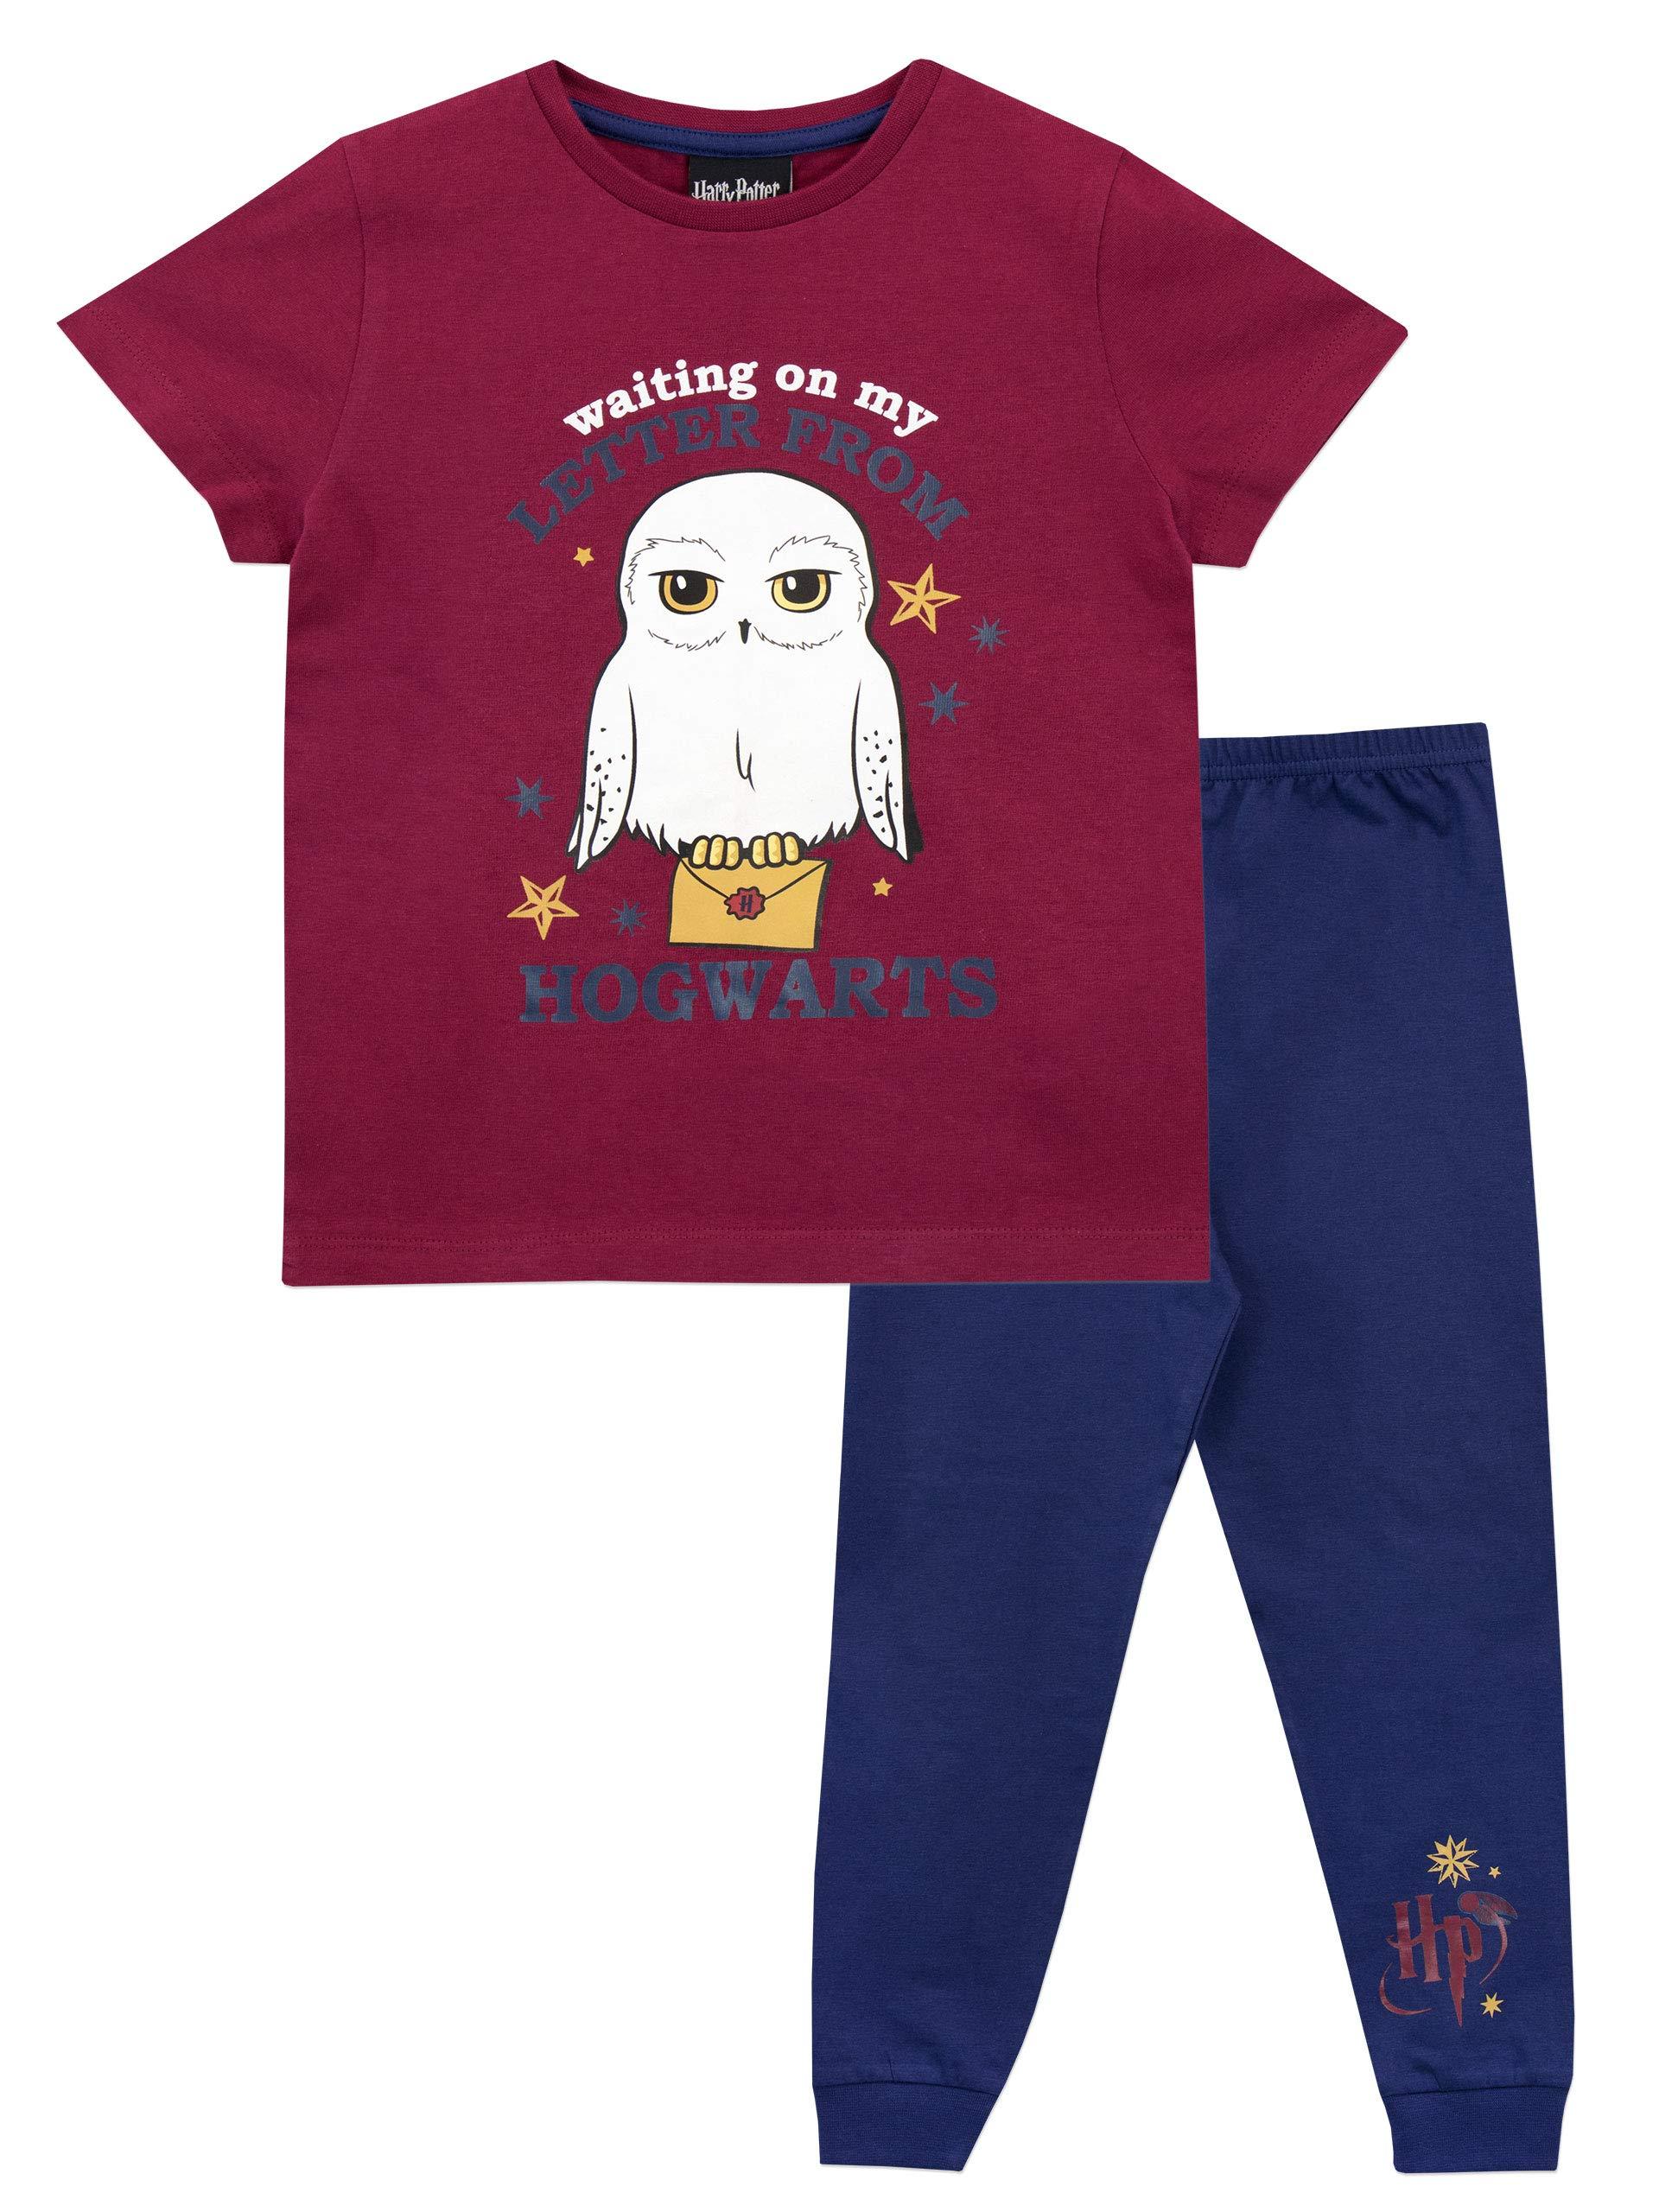 2Pcs Bébé Nourrisson Bébé Filles Minnie Mouse T-shirt Tops Short Set Kids Tenues